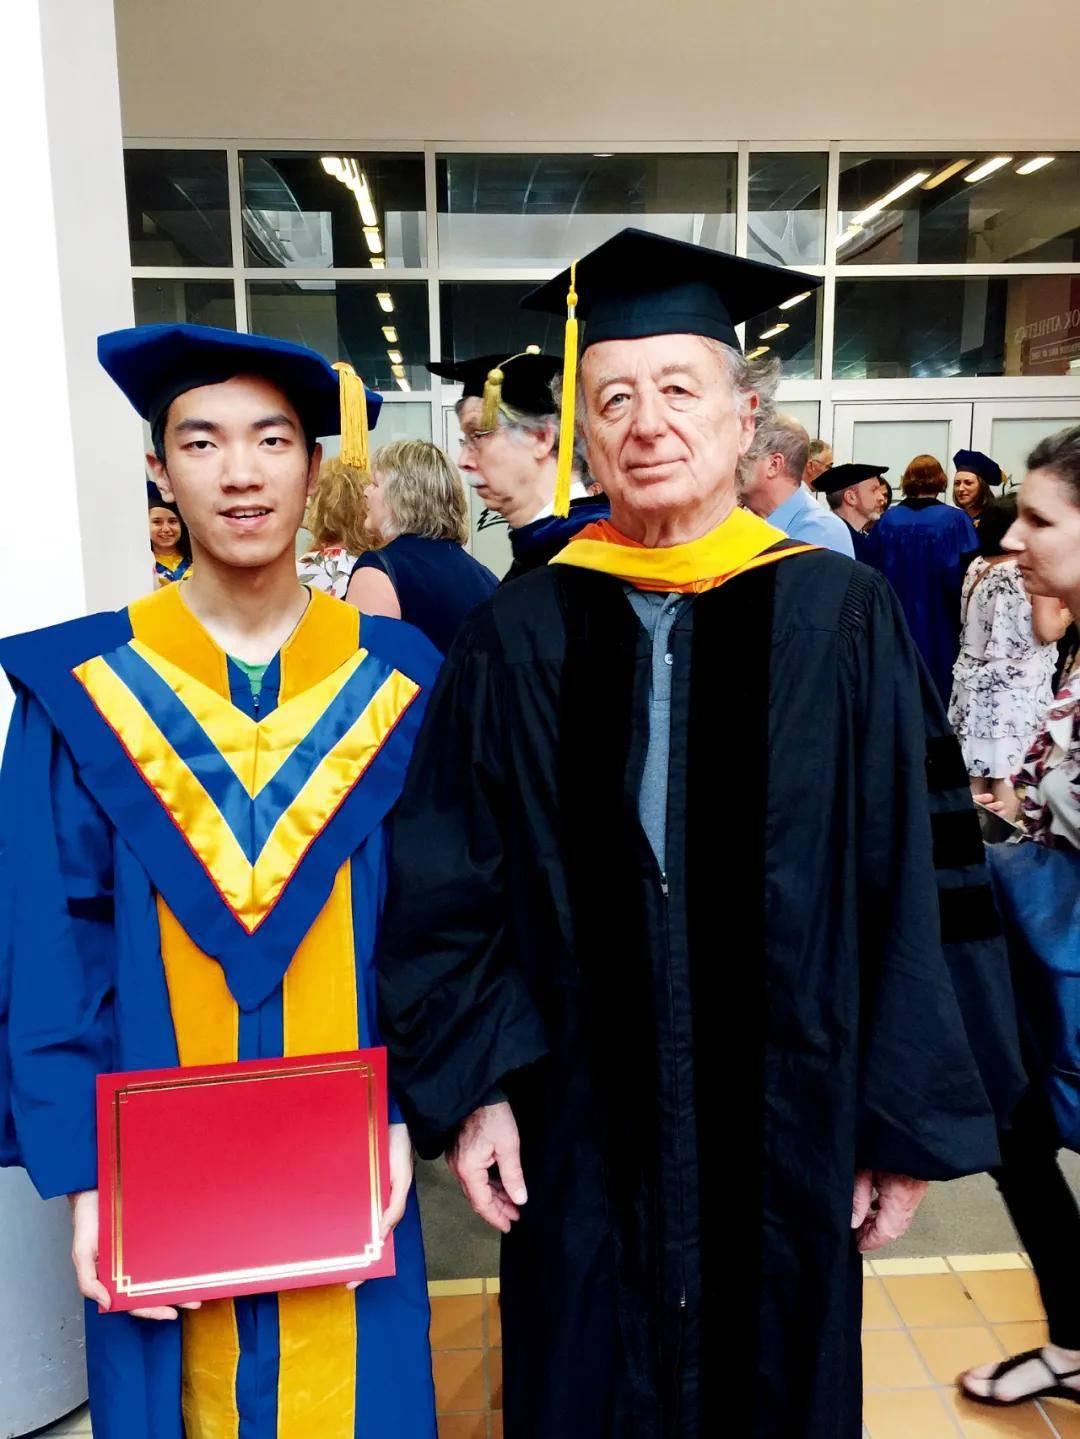 中国数学迎来黄金一代,十年时间能与美国并驾